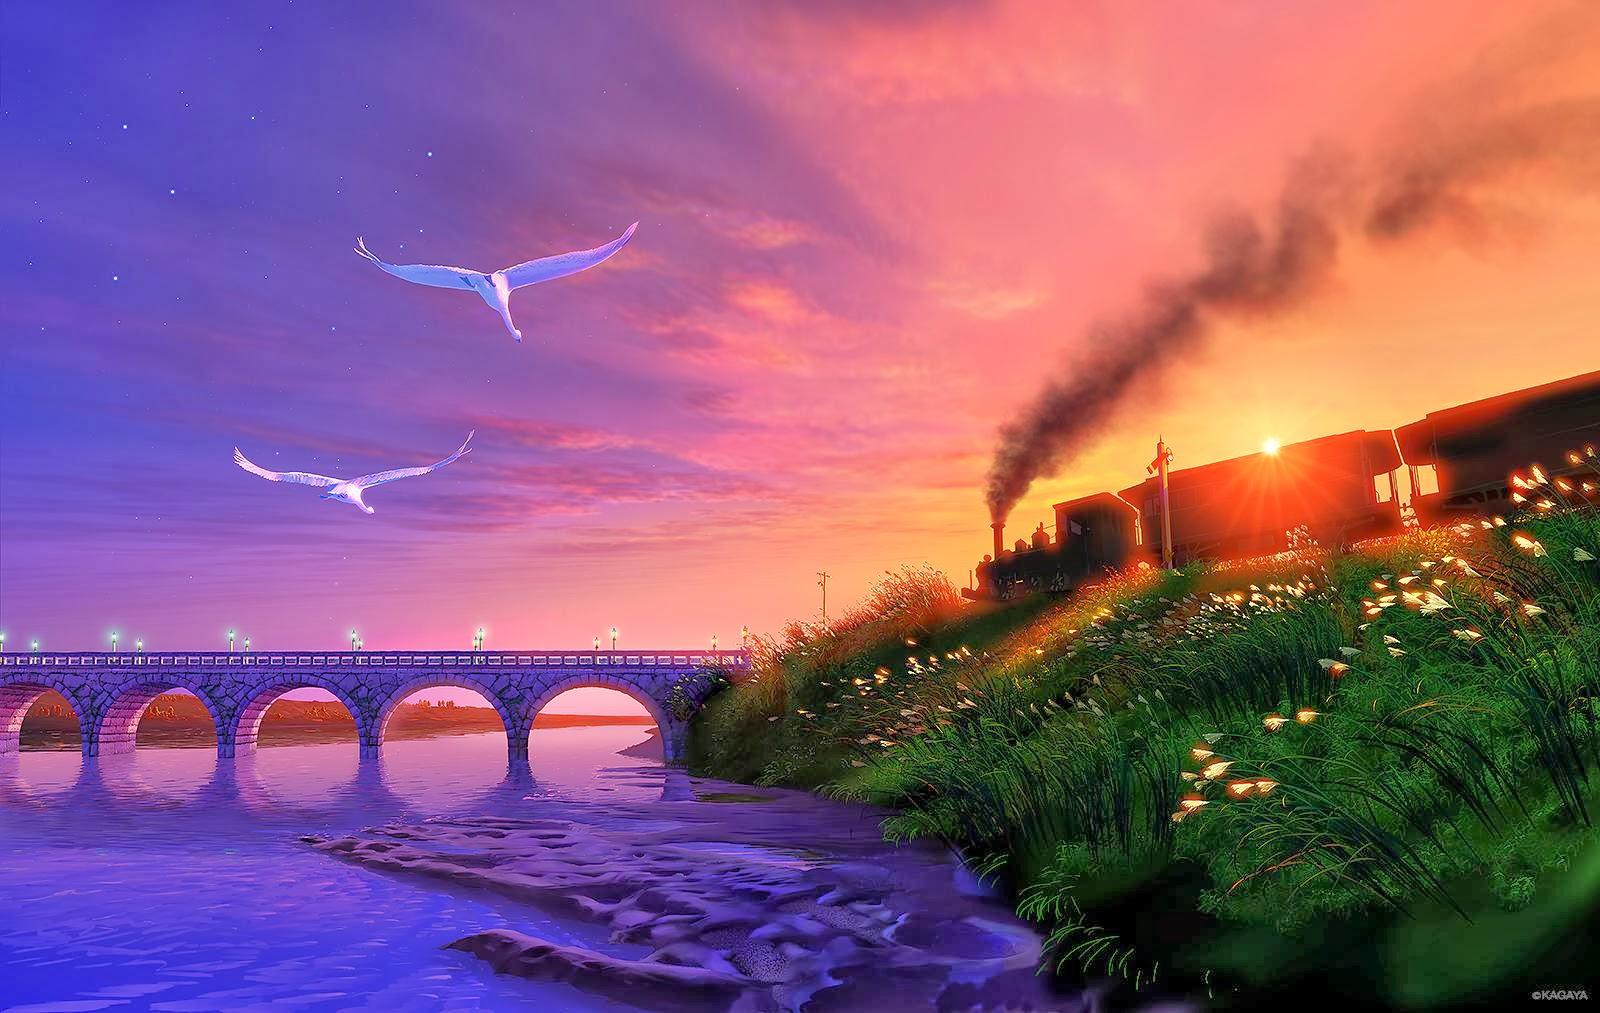 Kagaya Yutaka • Fondo de Pantalla • Puente, gaviotas, tren, amanecer